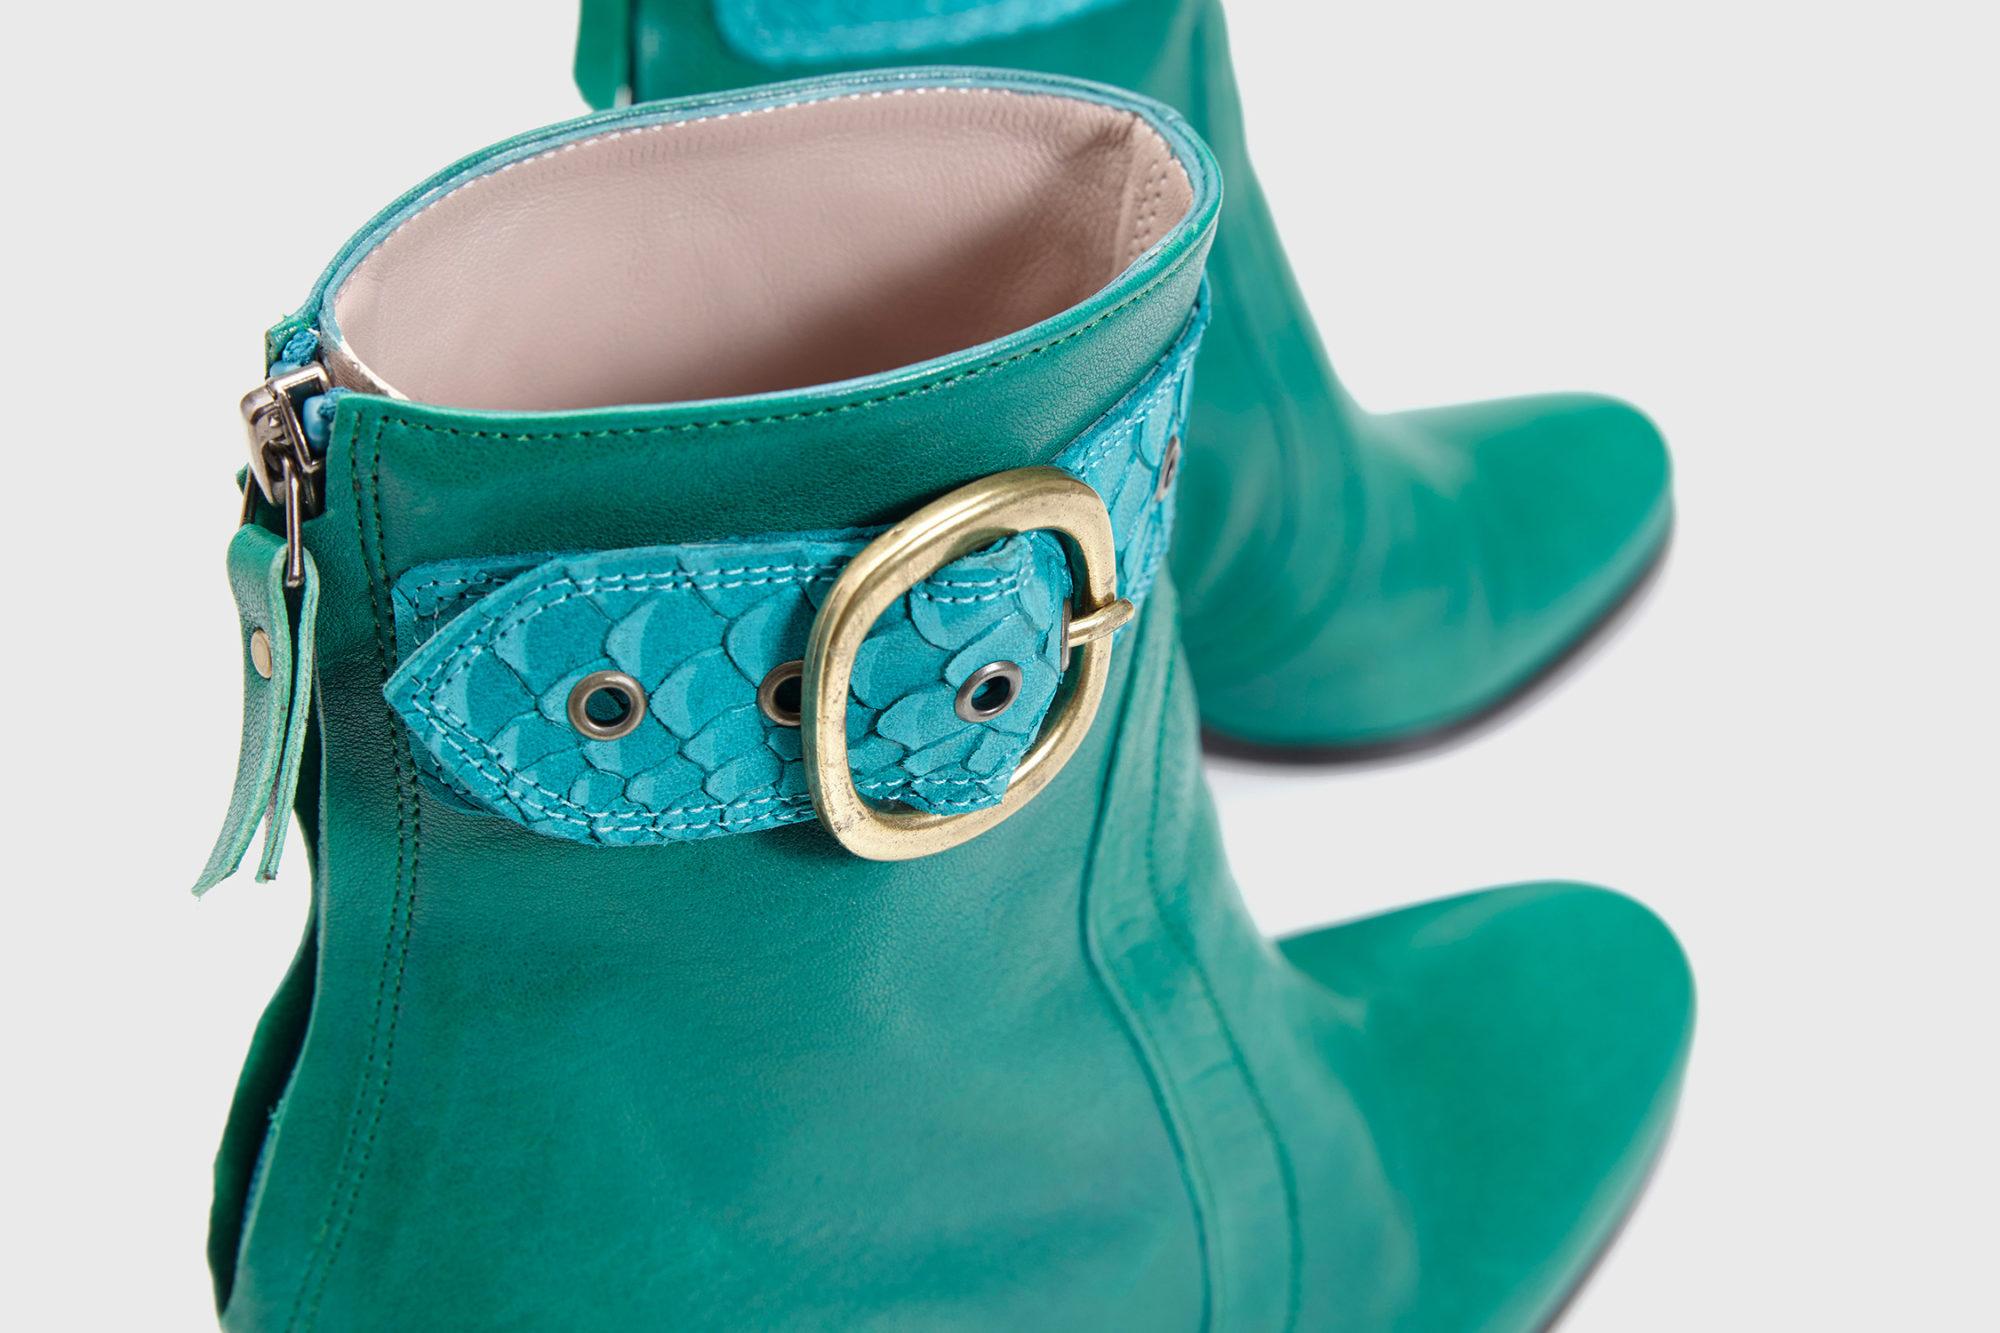 Dorotea botín de tacón alto Norah verde fw18 detalle